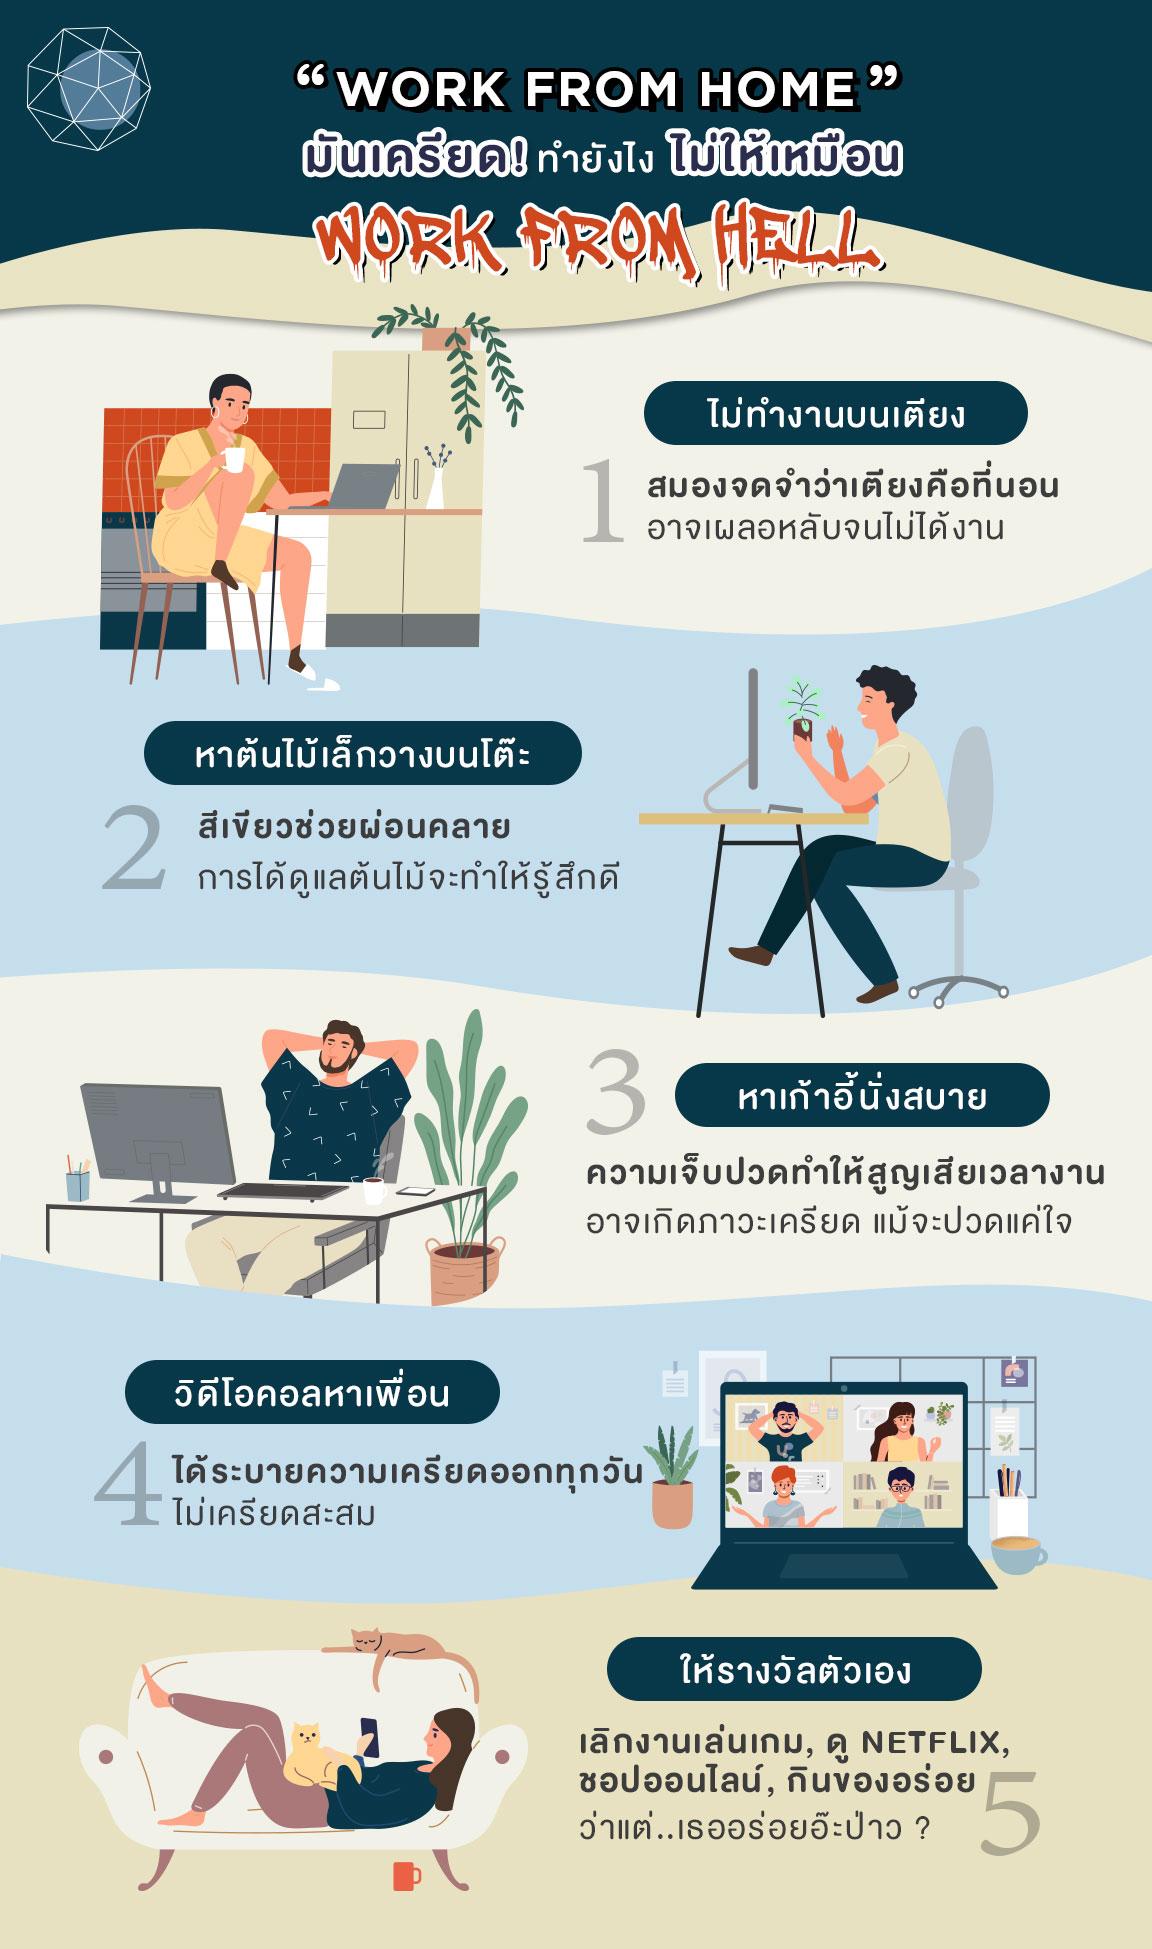 แก้เครียดยังไง เมื่อต้องทำงานที่บ้าน